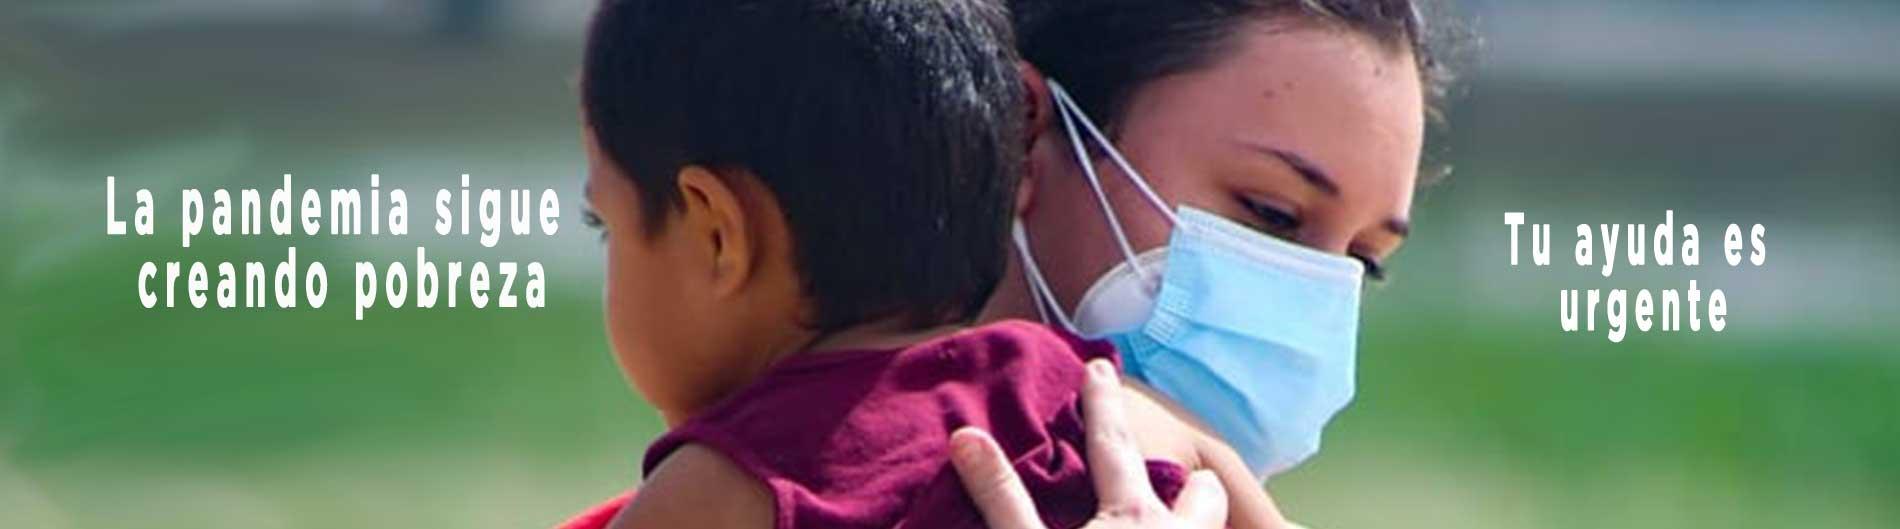 coronavirus pobreza ayuda dona solidaridad socios